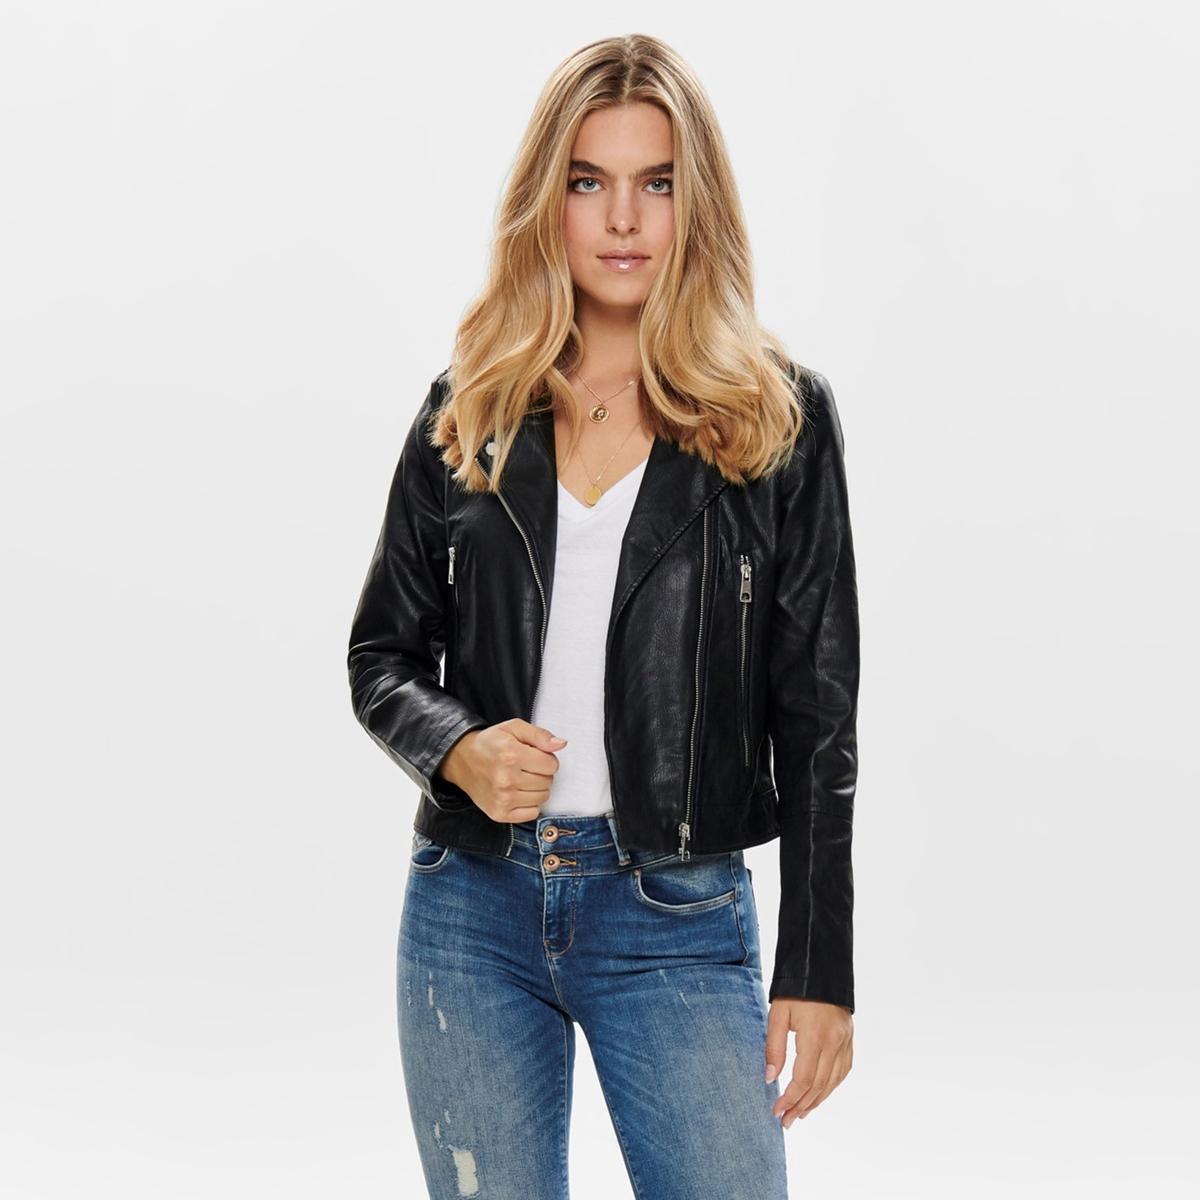 Куртка La Redoute Короткая на молнии из искусственной кожи 34 (FR) - 40 (RUS) черный платье la redoute радужное estelle 36 fr 42 rus черный